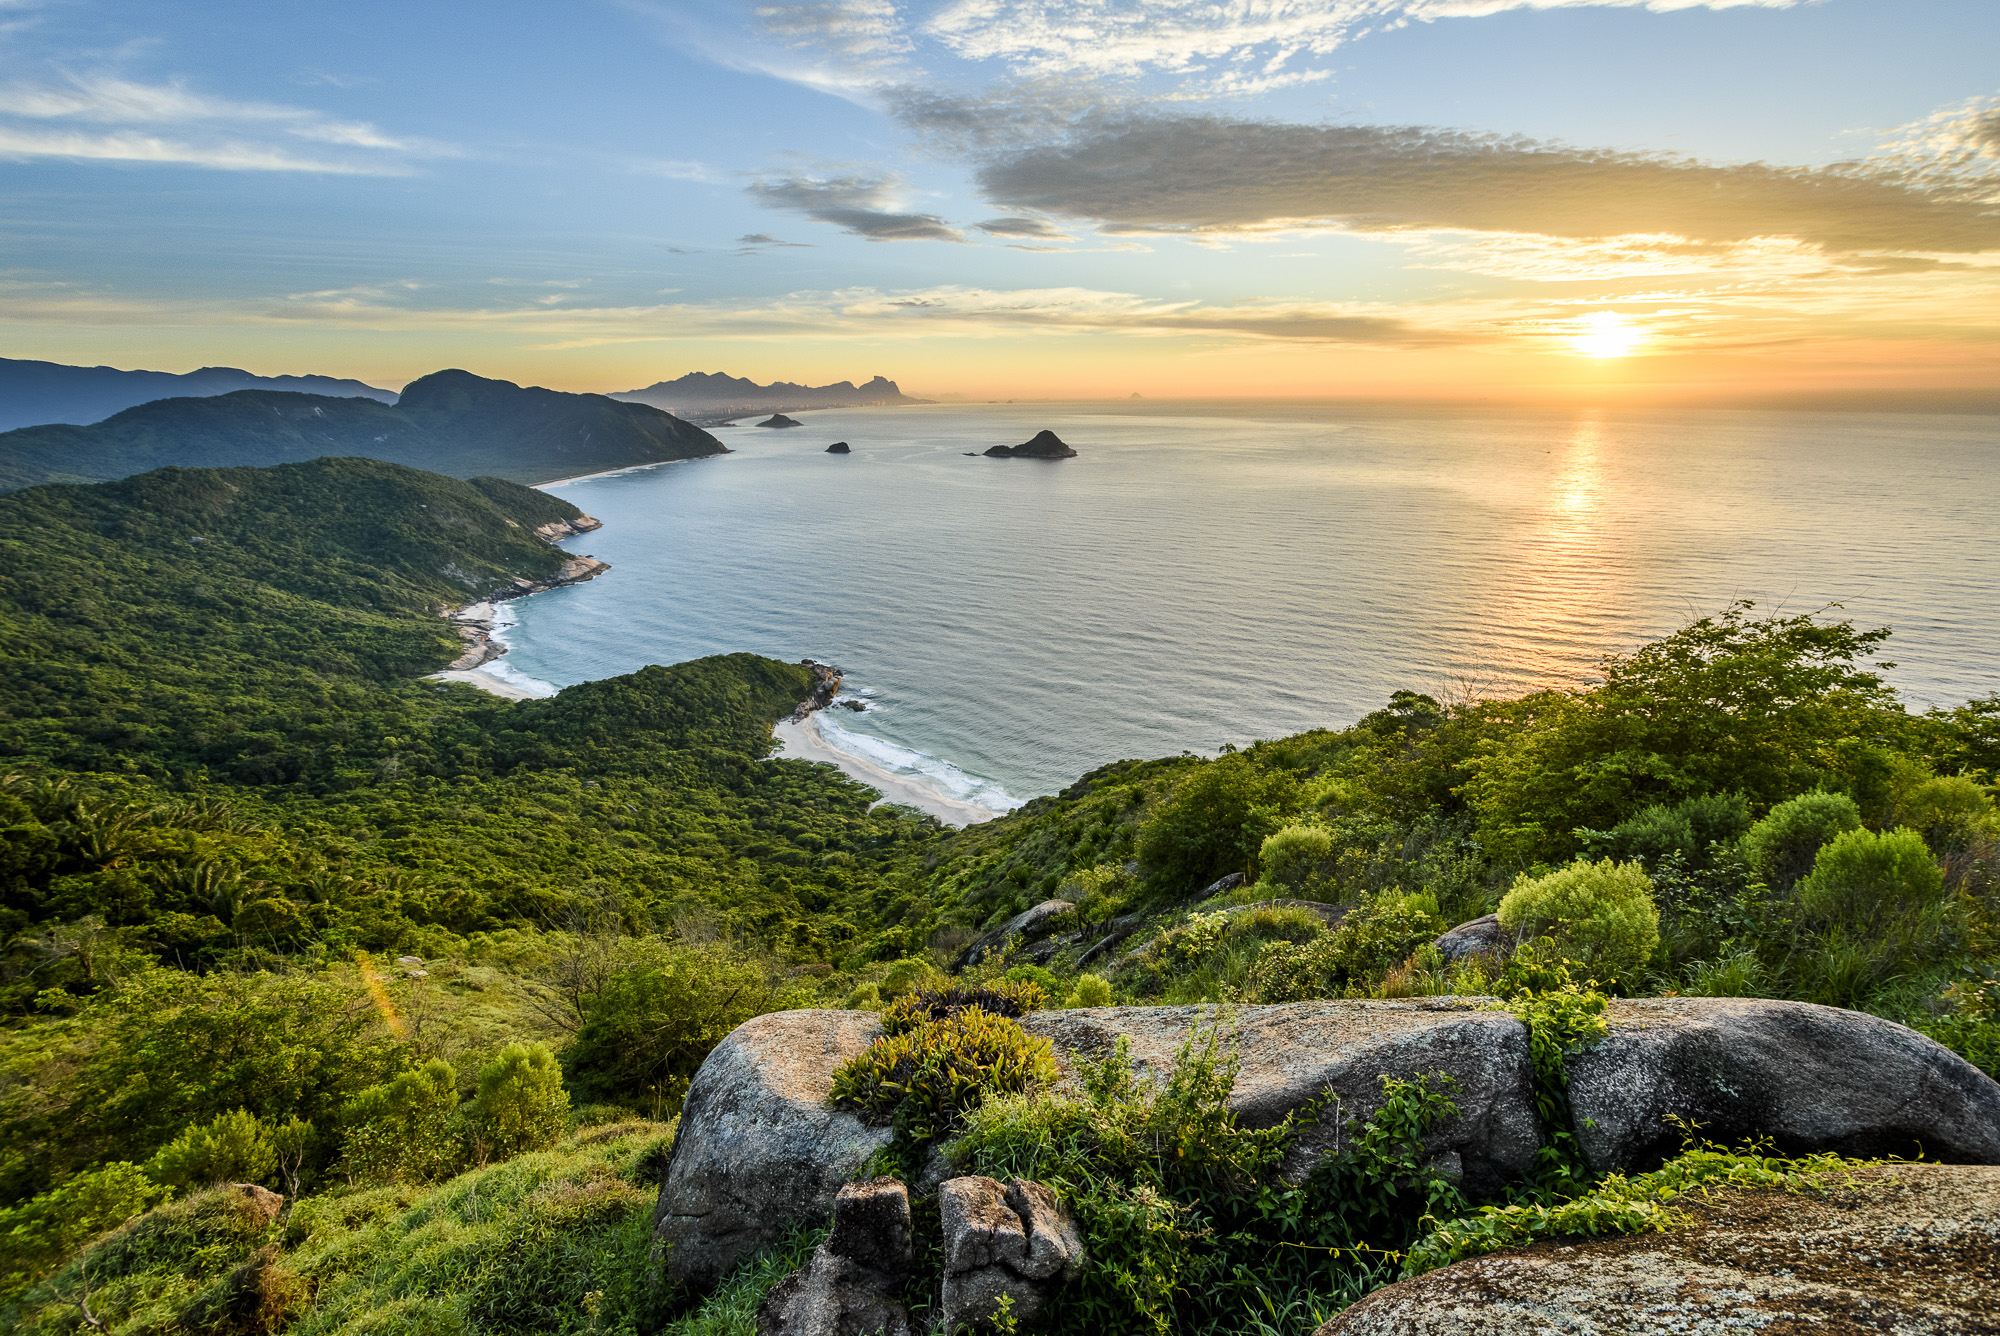 Brasilien Highlights Reisezeit U0026 Die Sch U00f6nsten Bilder